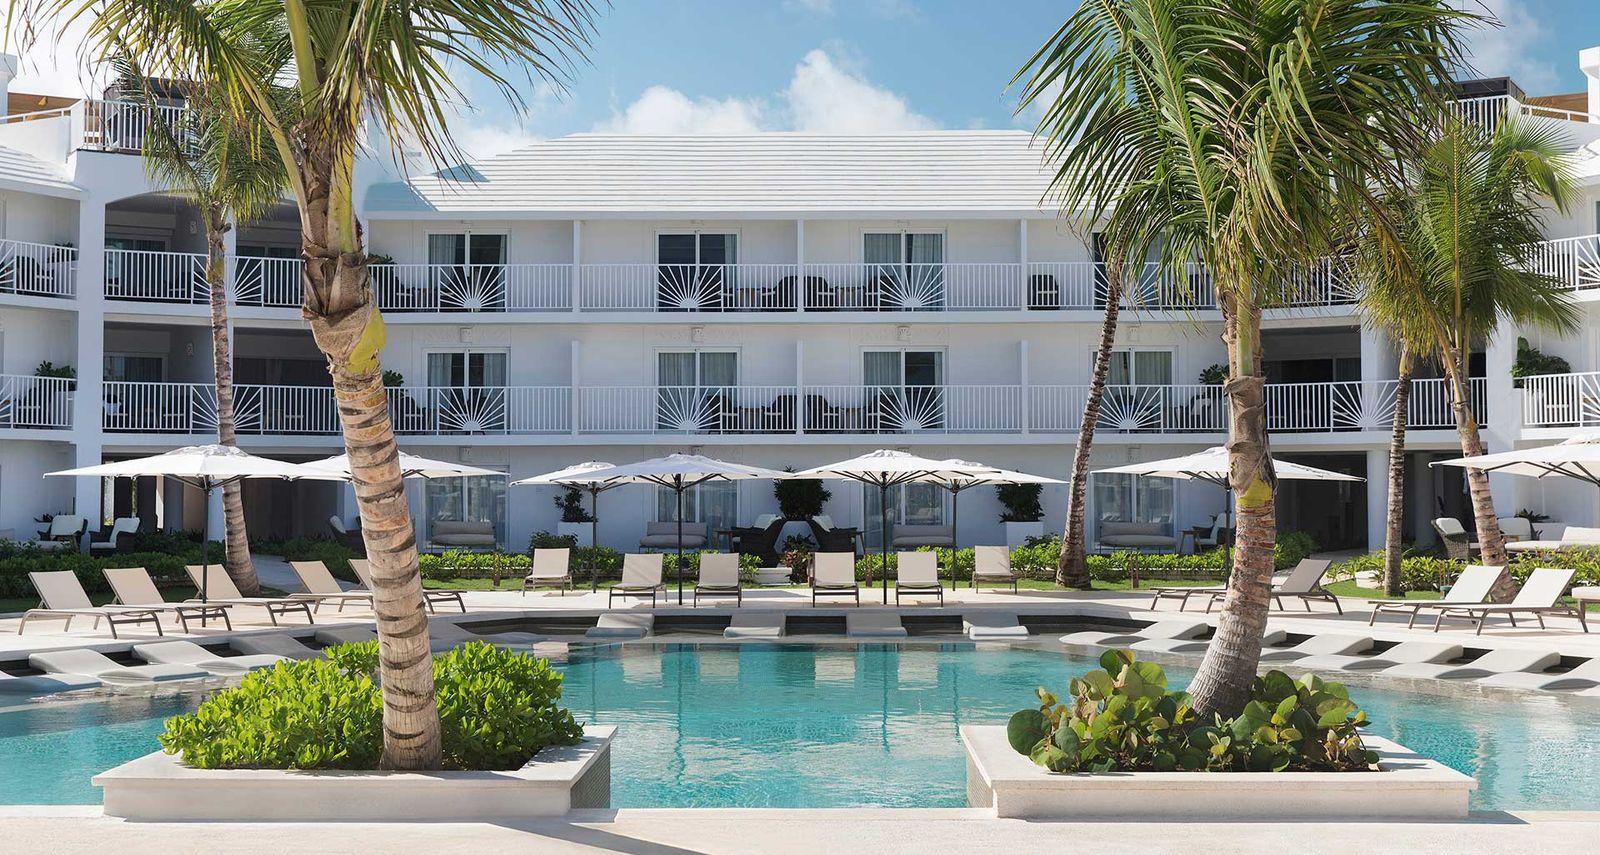 Excellence Group abrirá en 2020 su tercer resort de lujo en Punta Cana